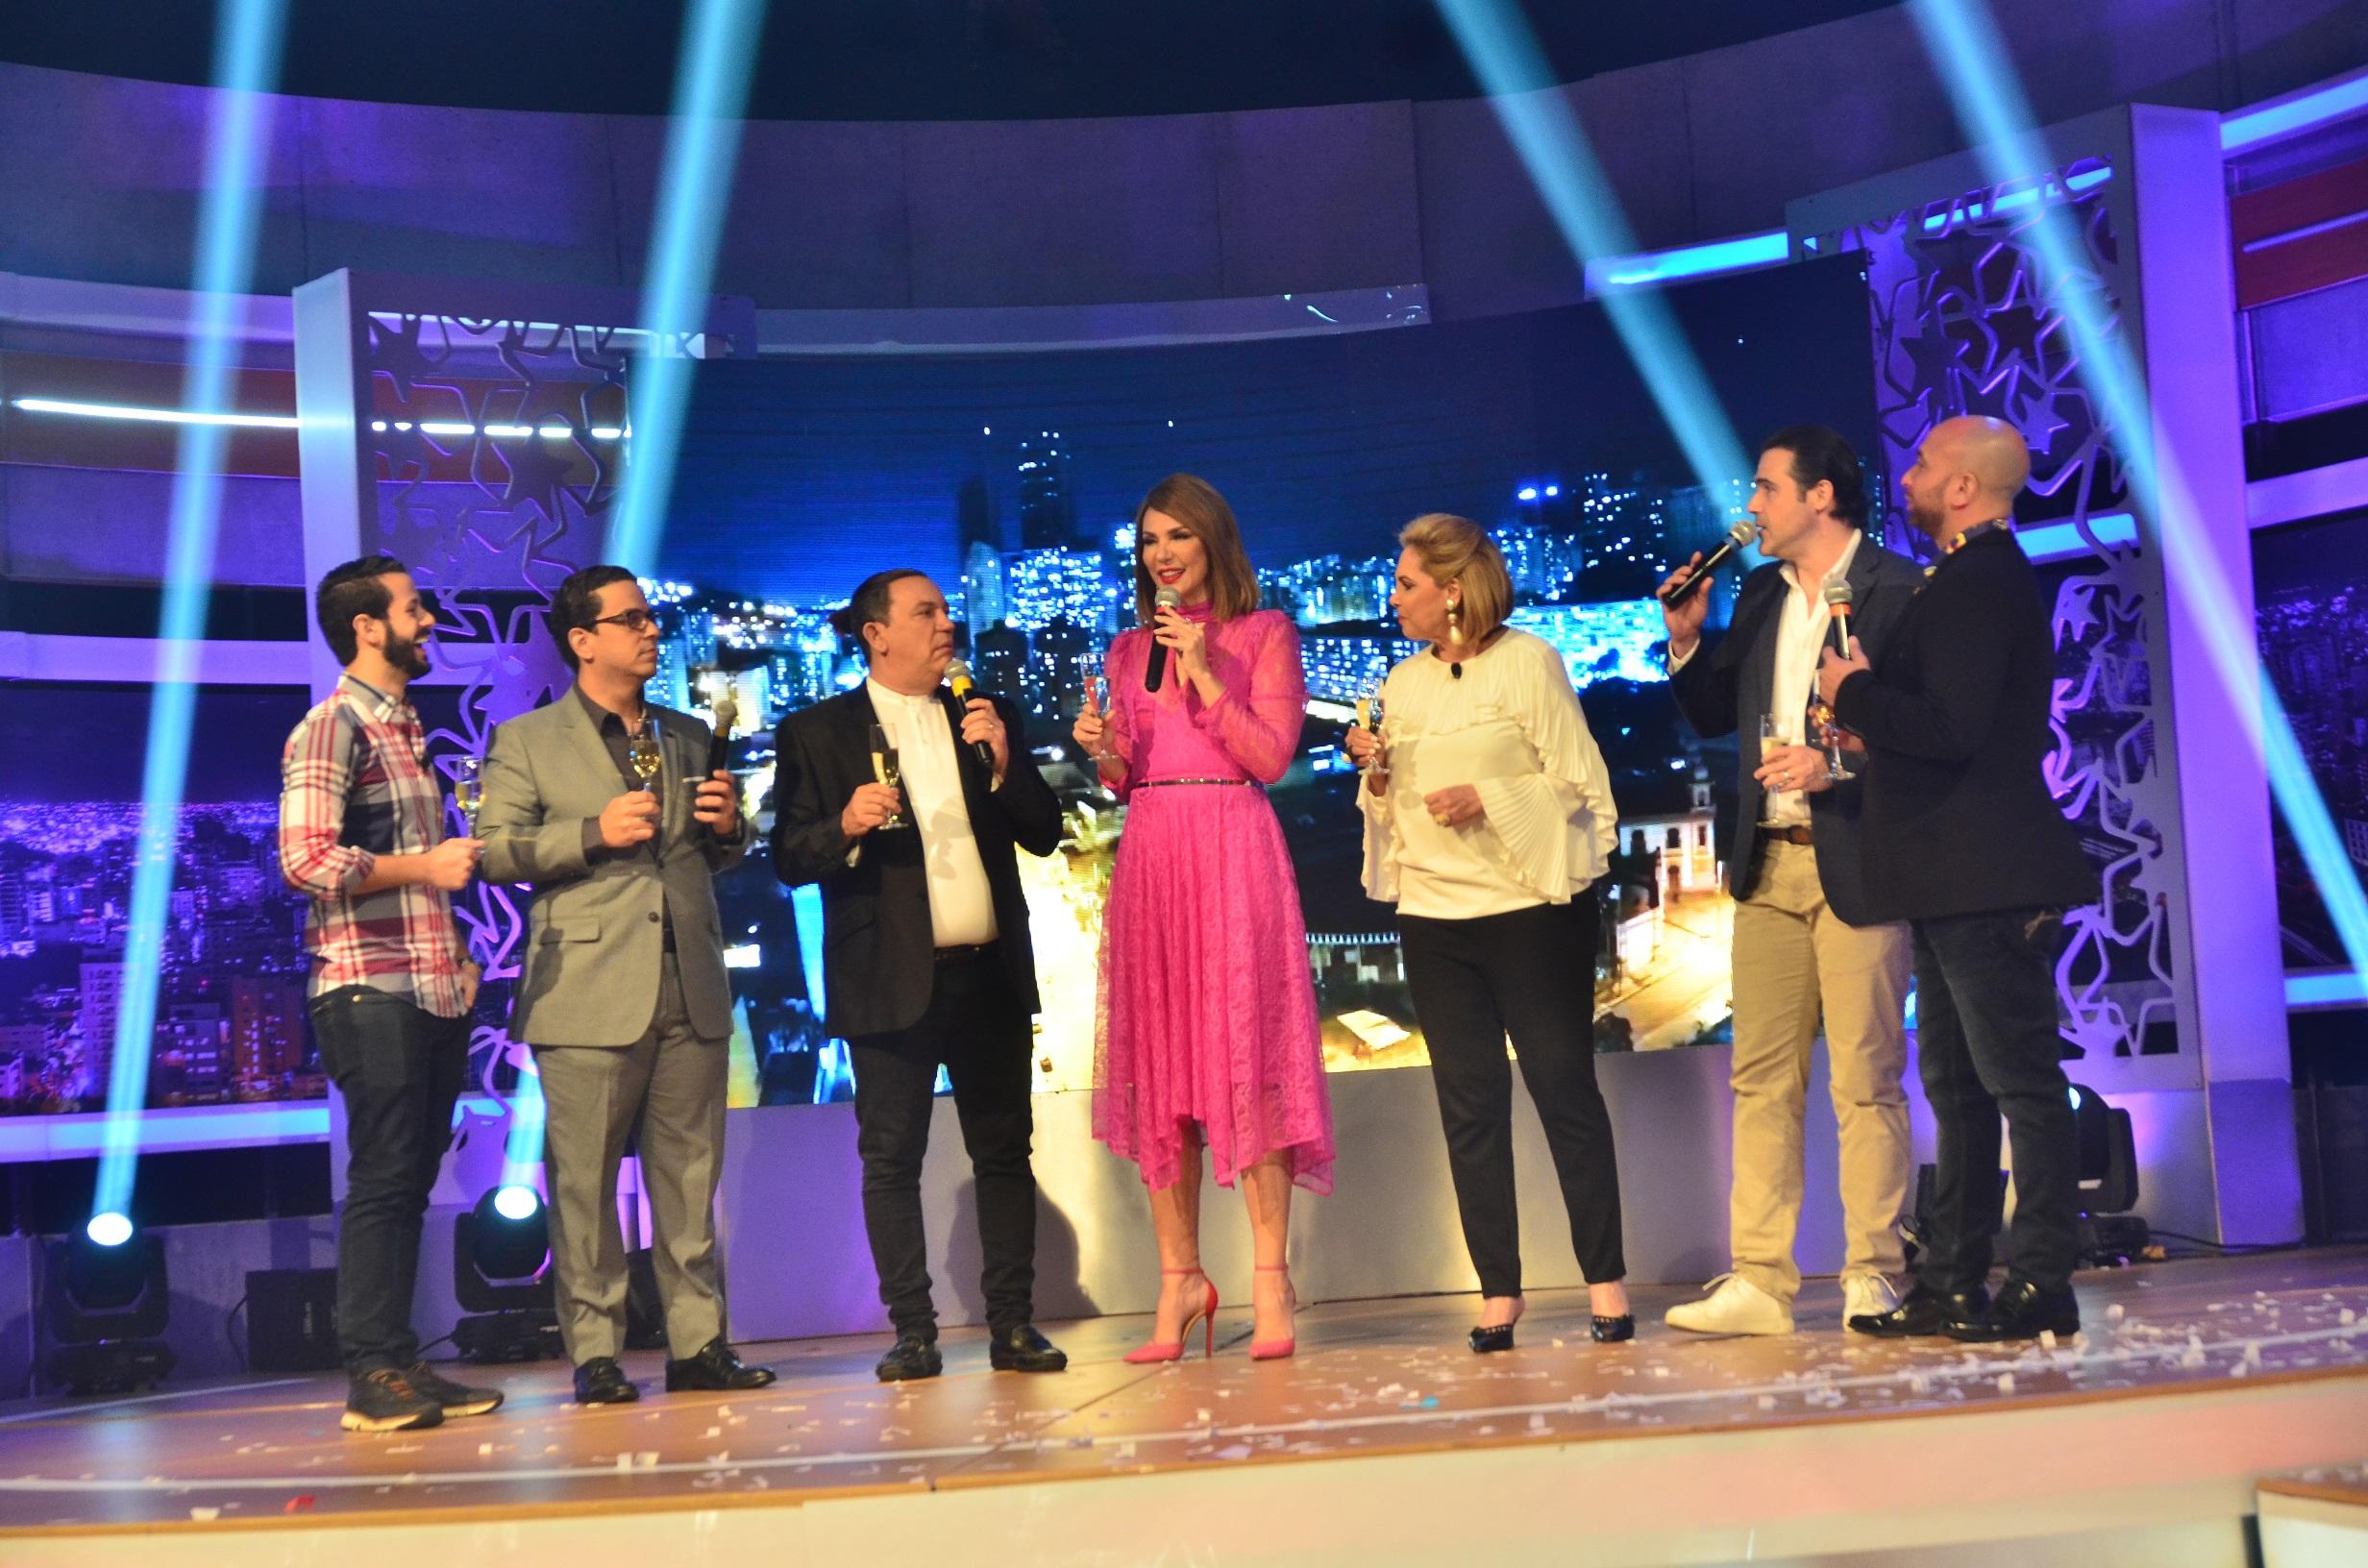 Chévere Night En Vivo Todos Los Domingos Por Telesistema últimas Noticias De La República Dominicana